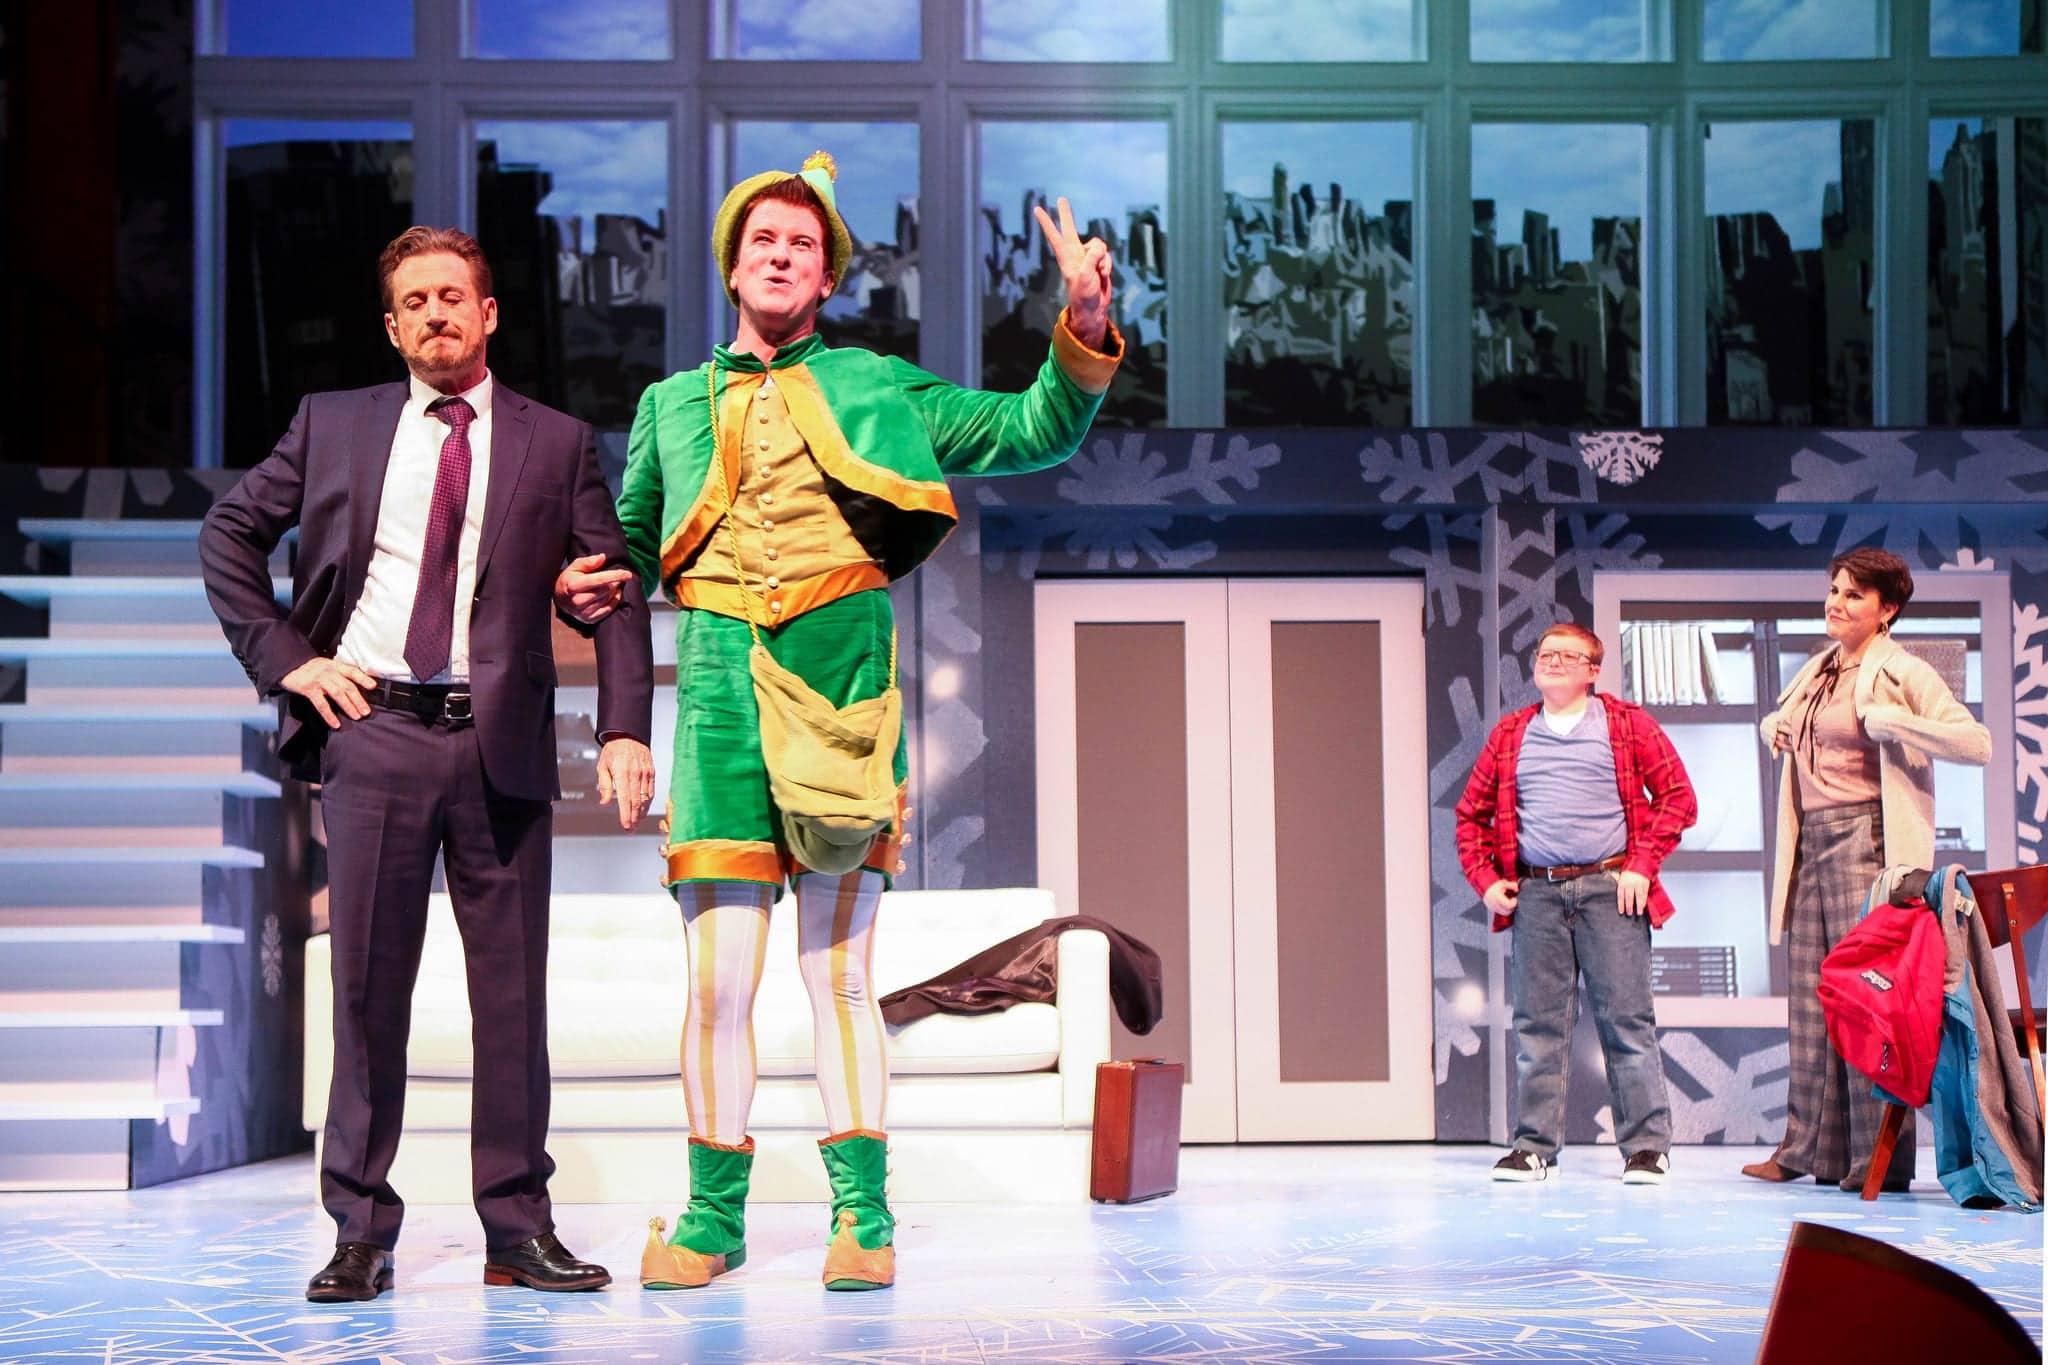 Elf on stage